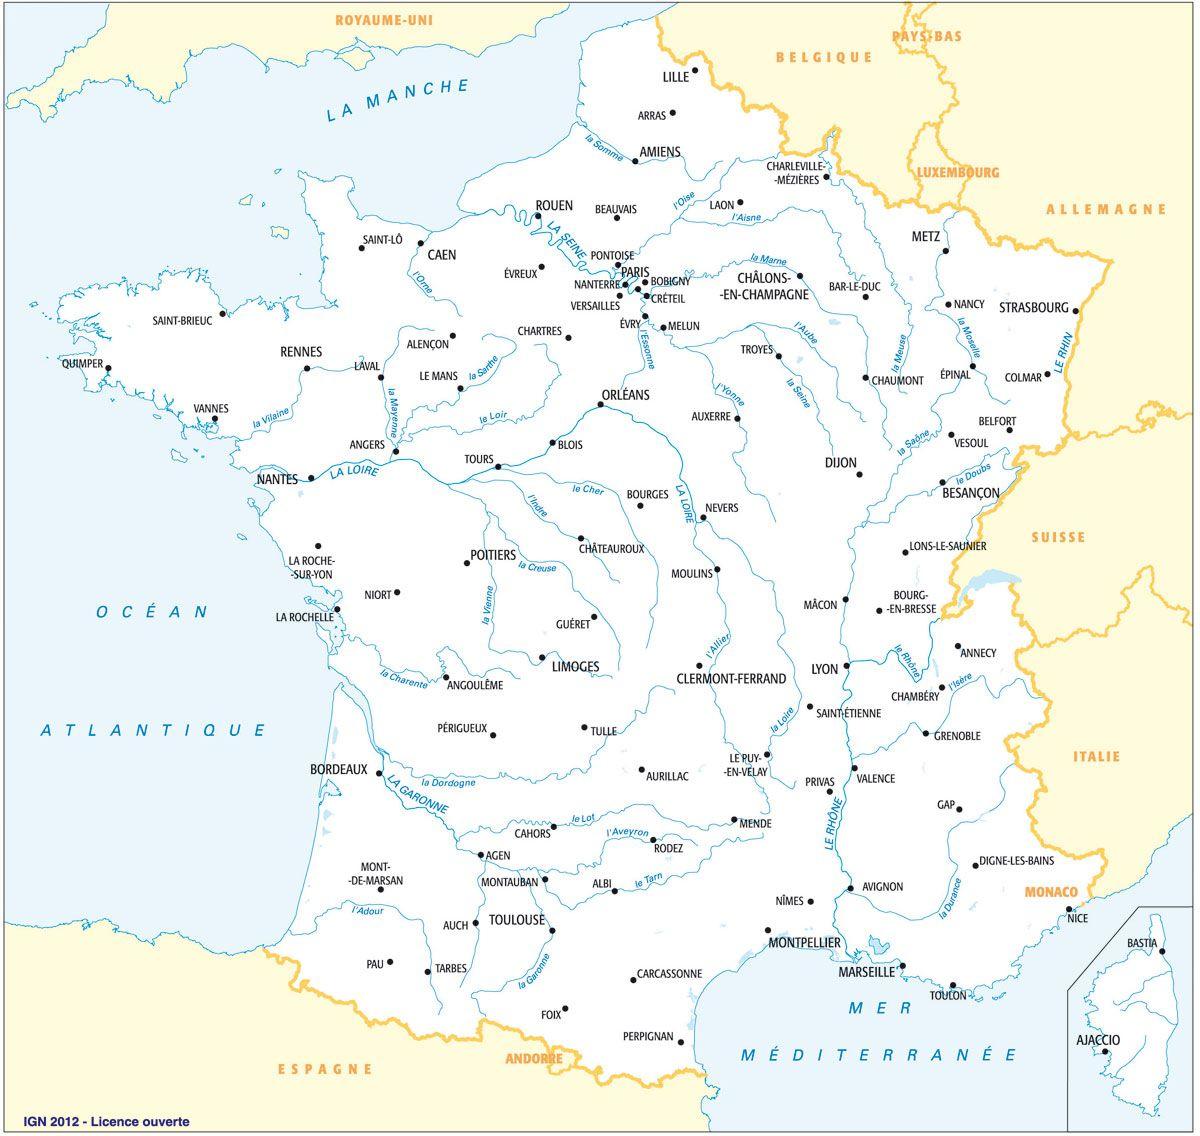 Fleuves Principaux Et Préfectures, Avec Toponymes   Carte De destiné Carte Des Fleuves De France